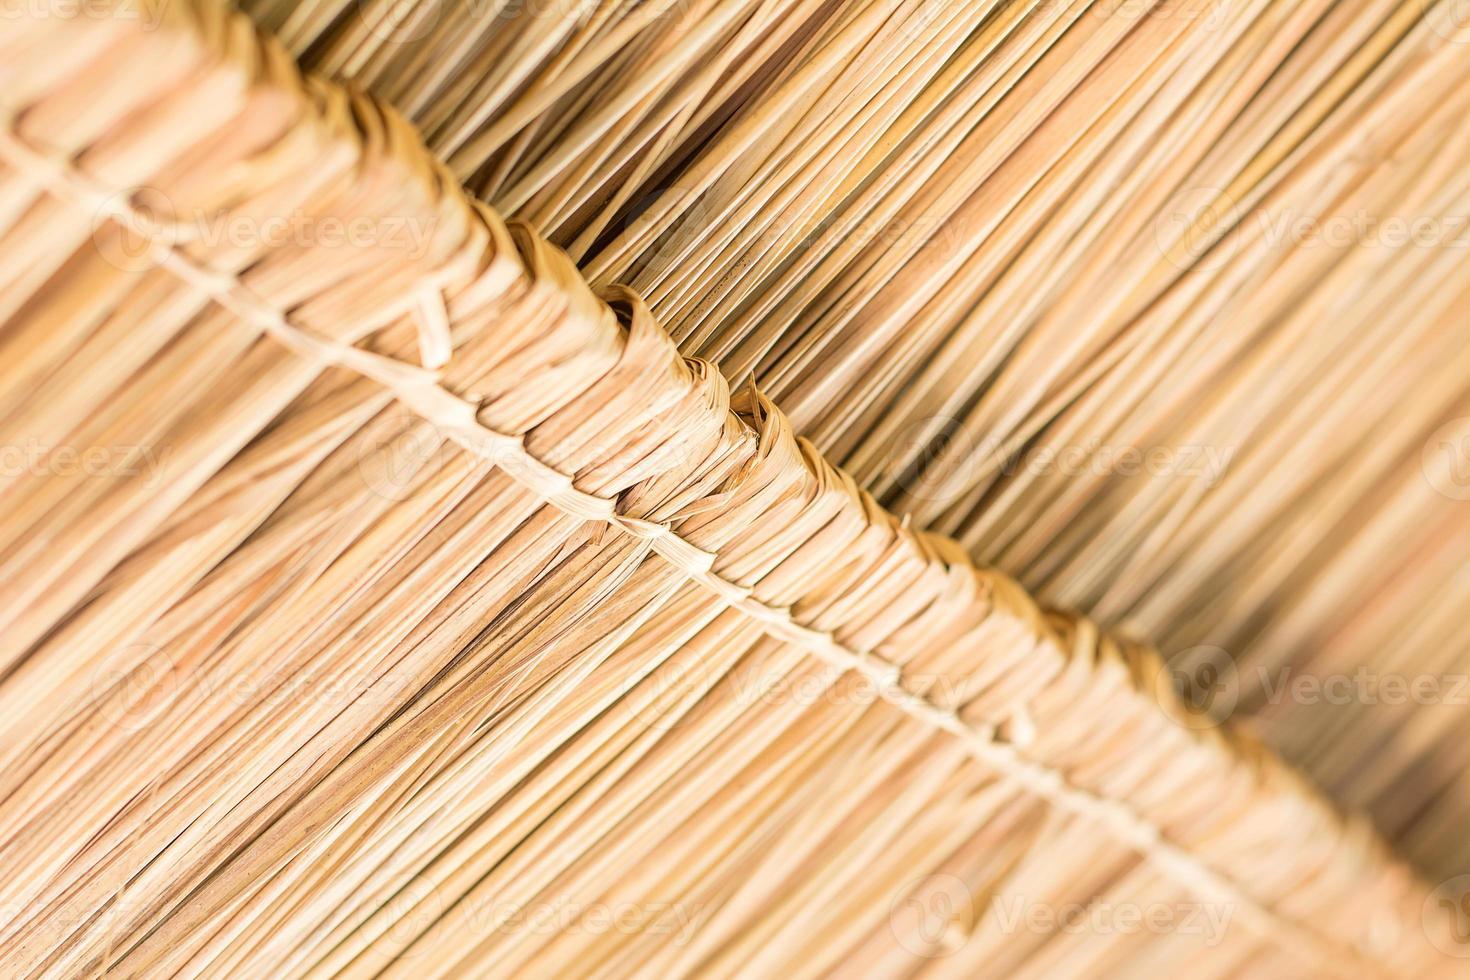 la texture du toit de chaume de la cabane. photo